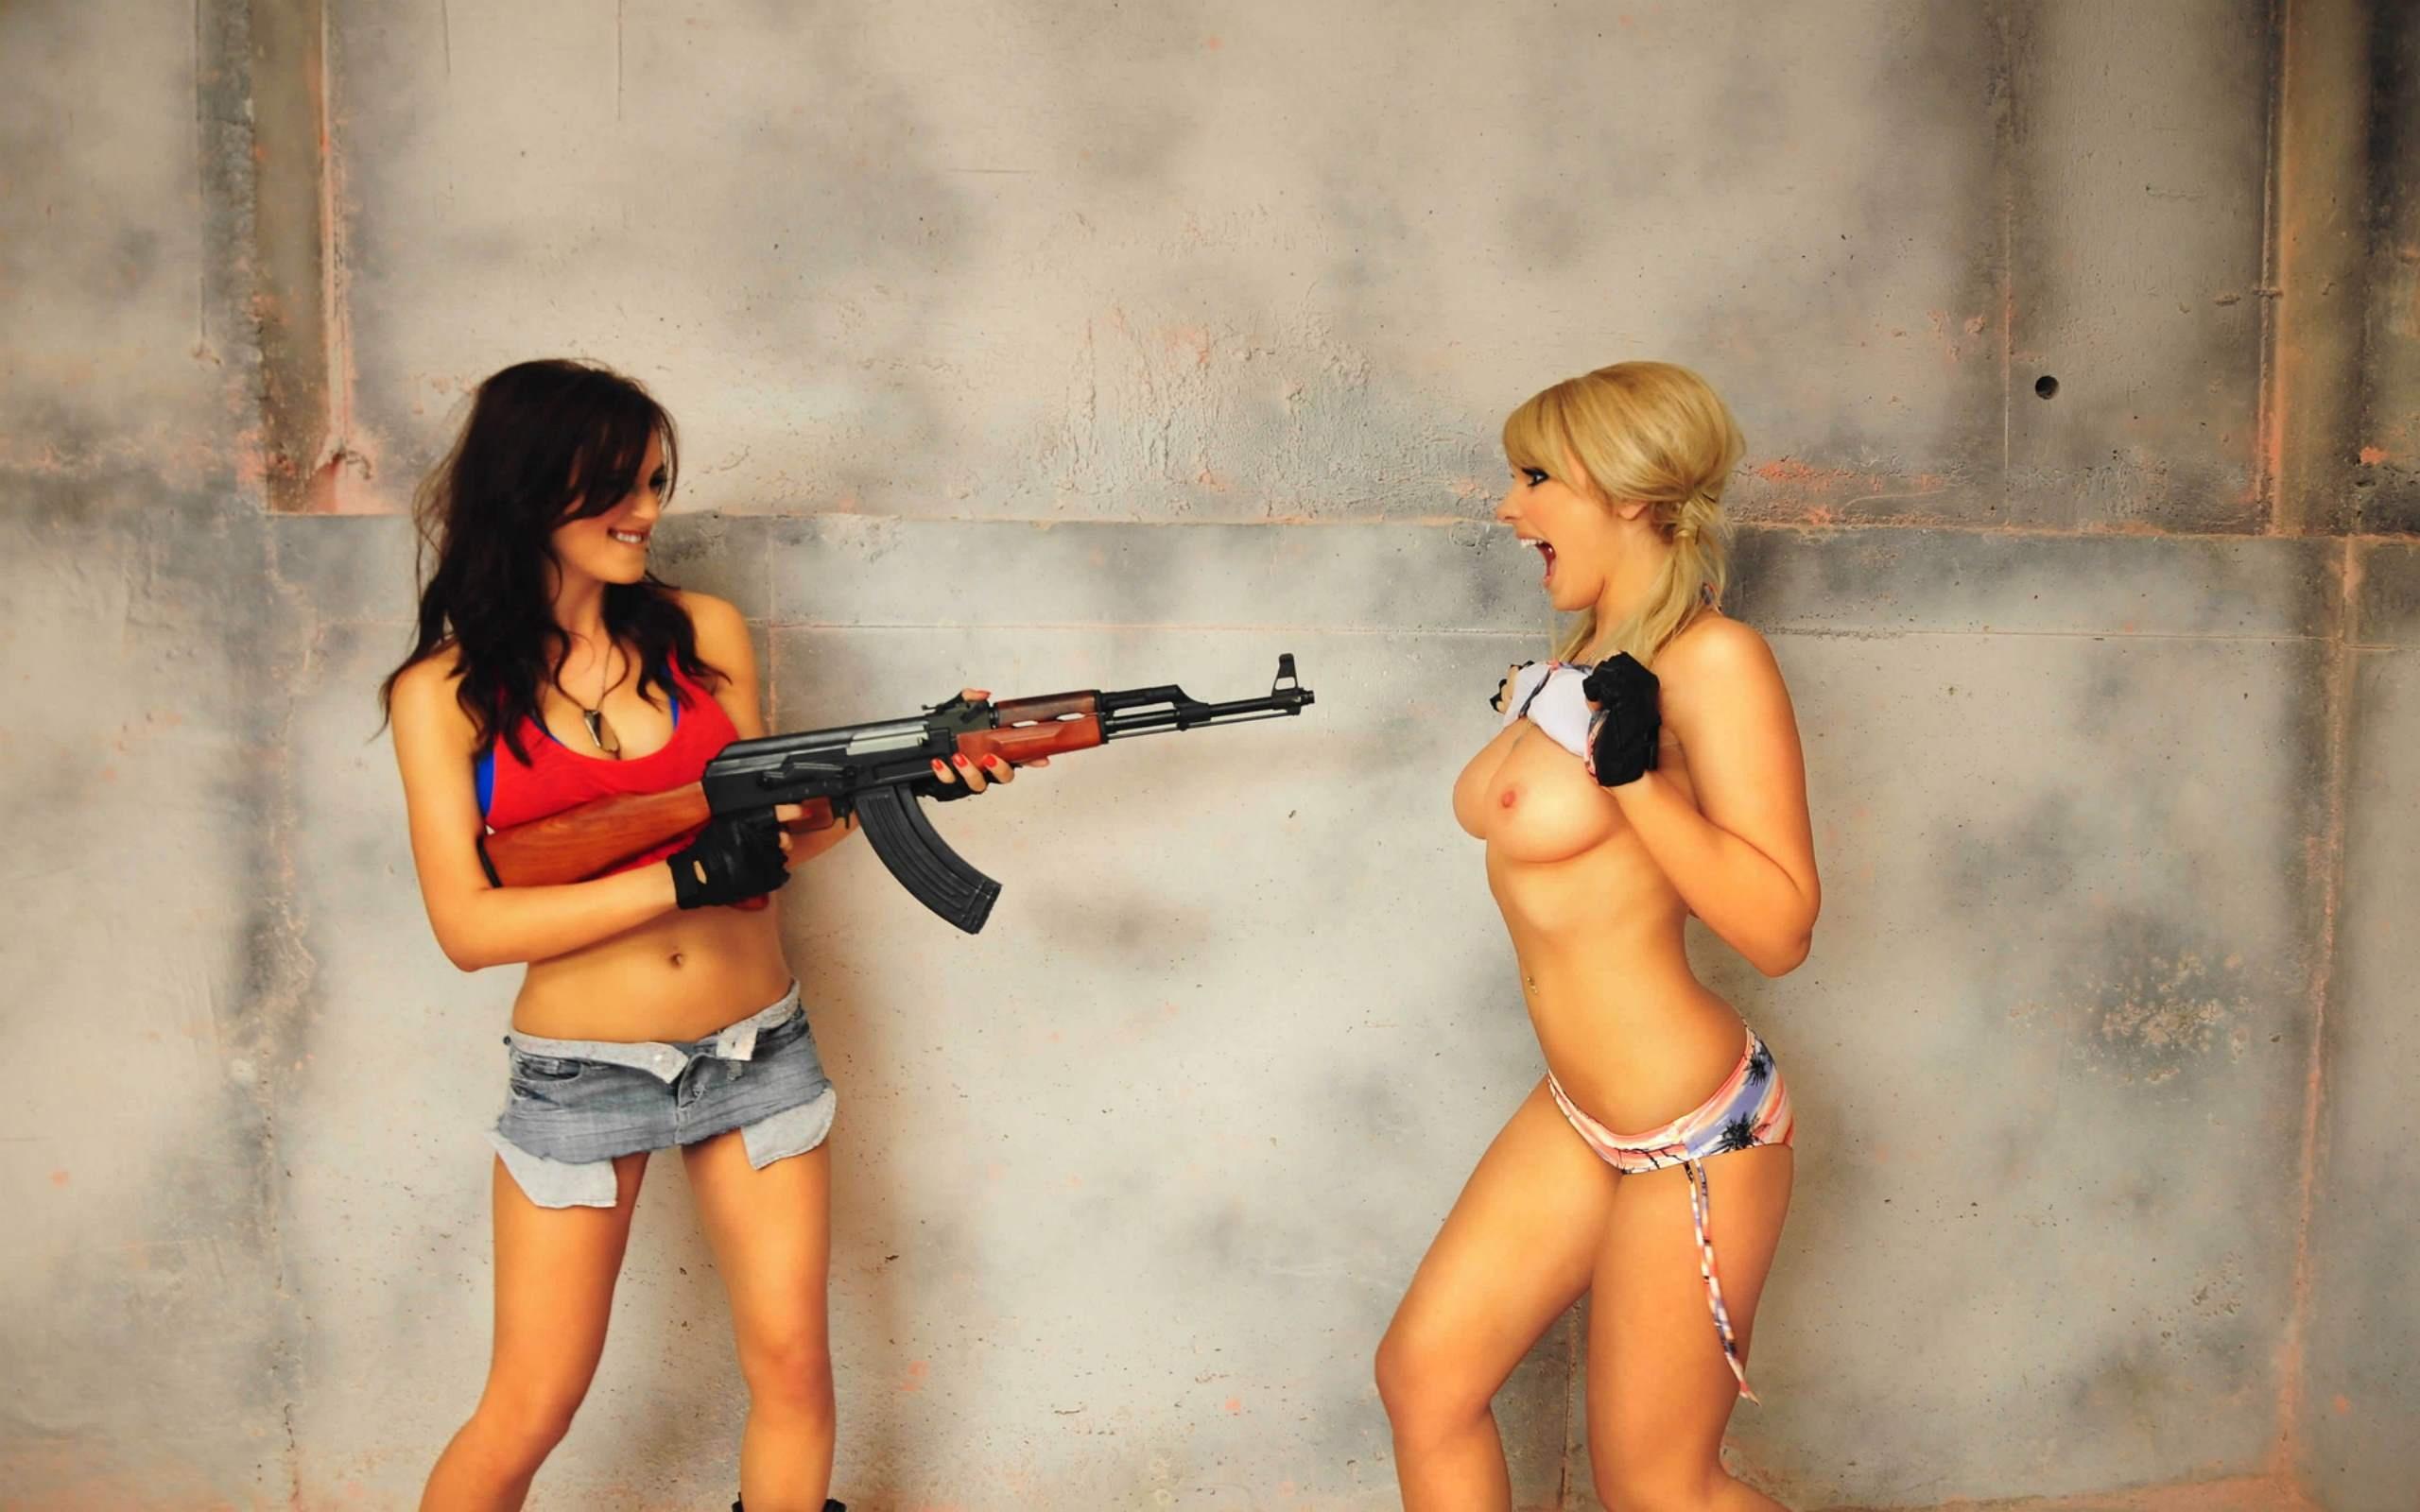 Are mistaken. Duke nudem all girls naked excellent